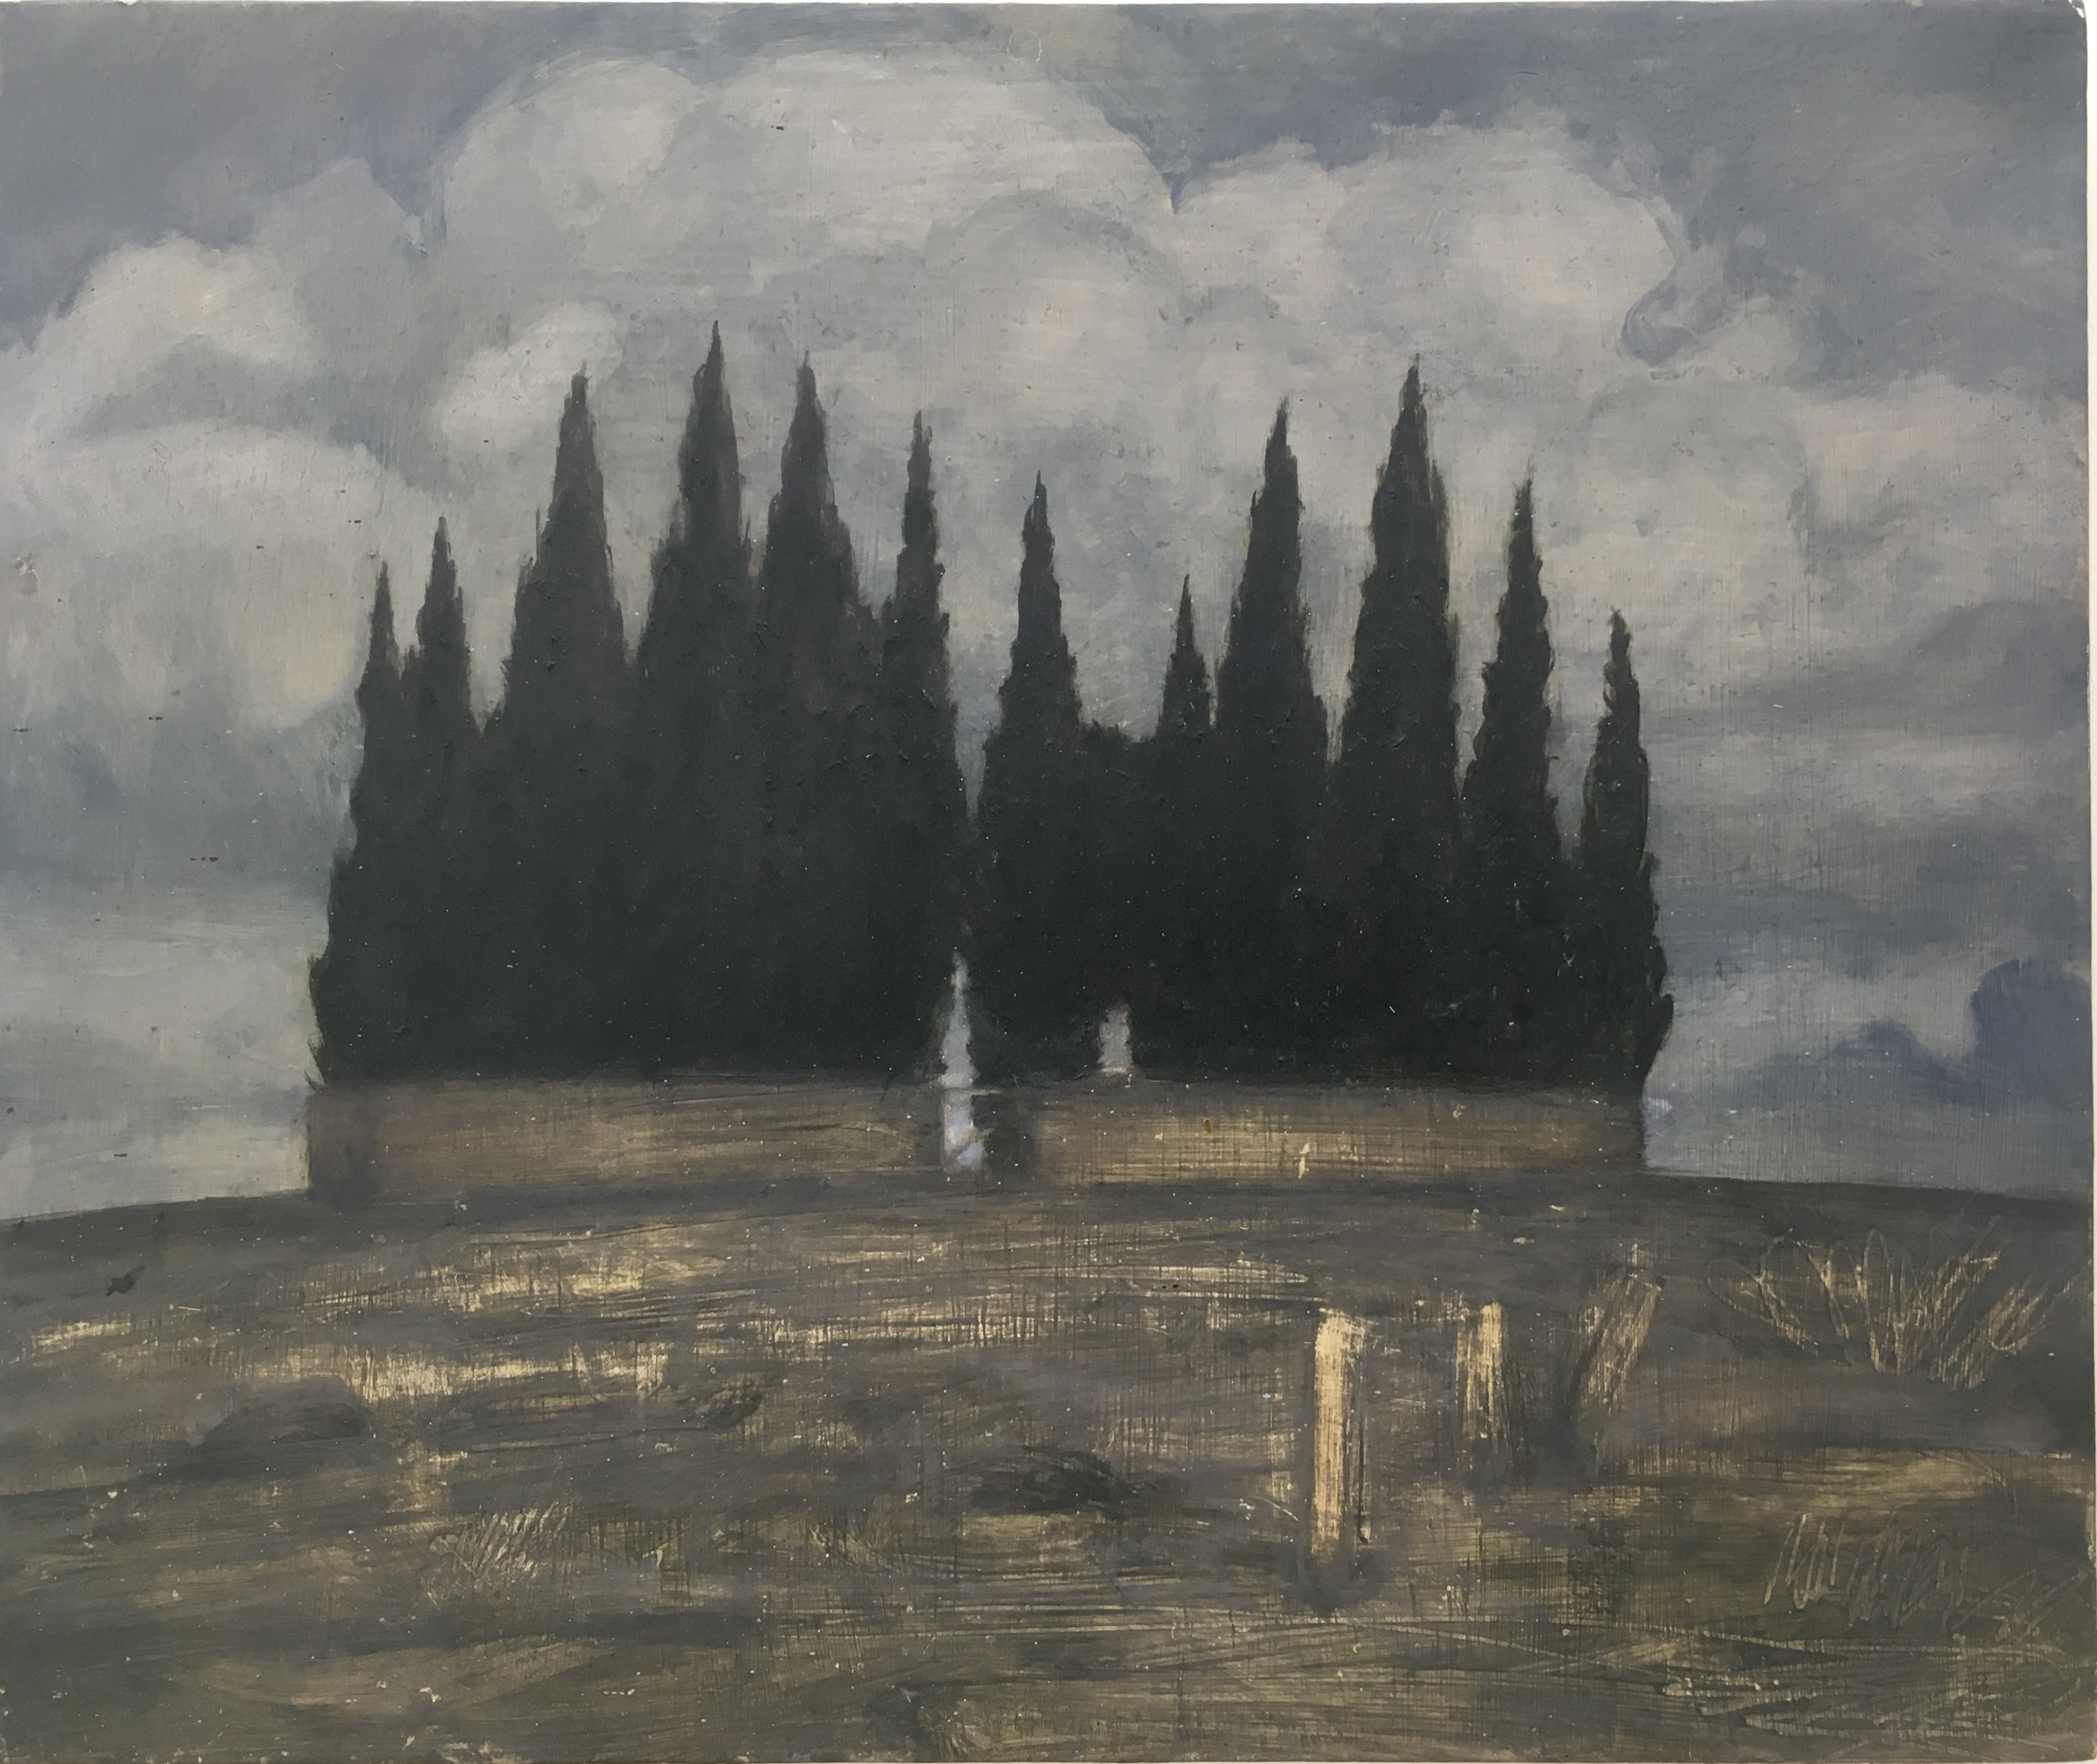 Nathanaelle Herbelin, Cyprès version 4, 2018, 33 x 41 cm, huile sur bois